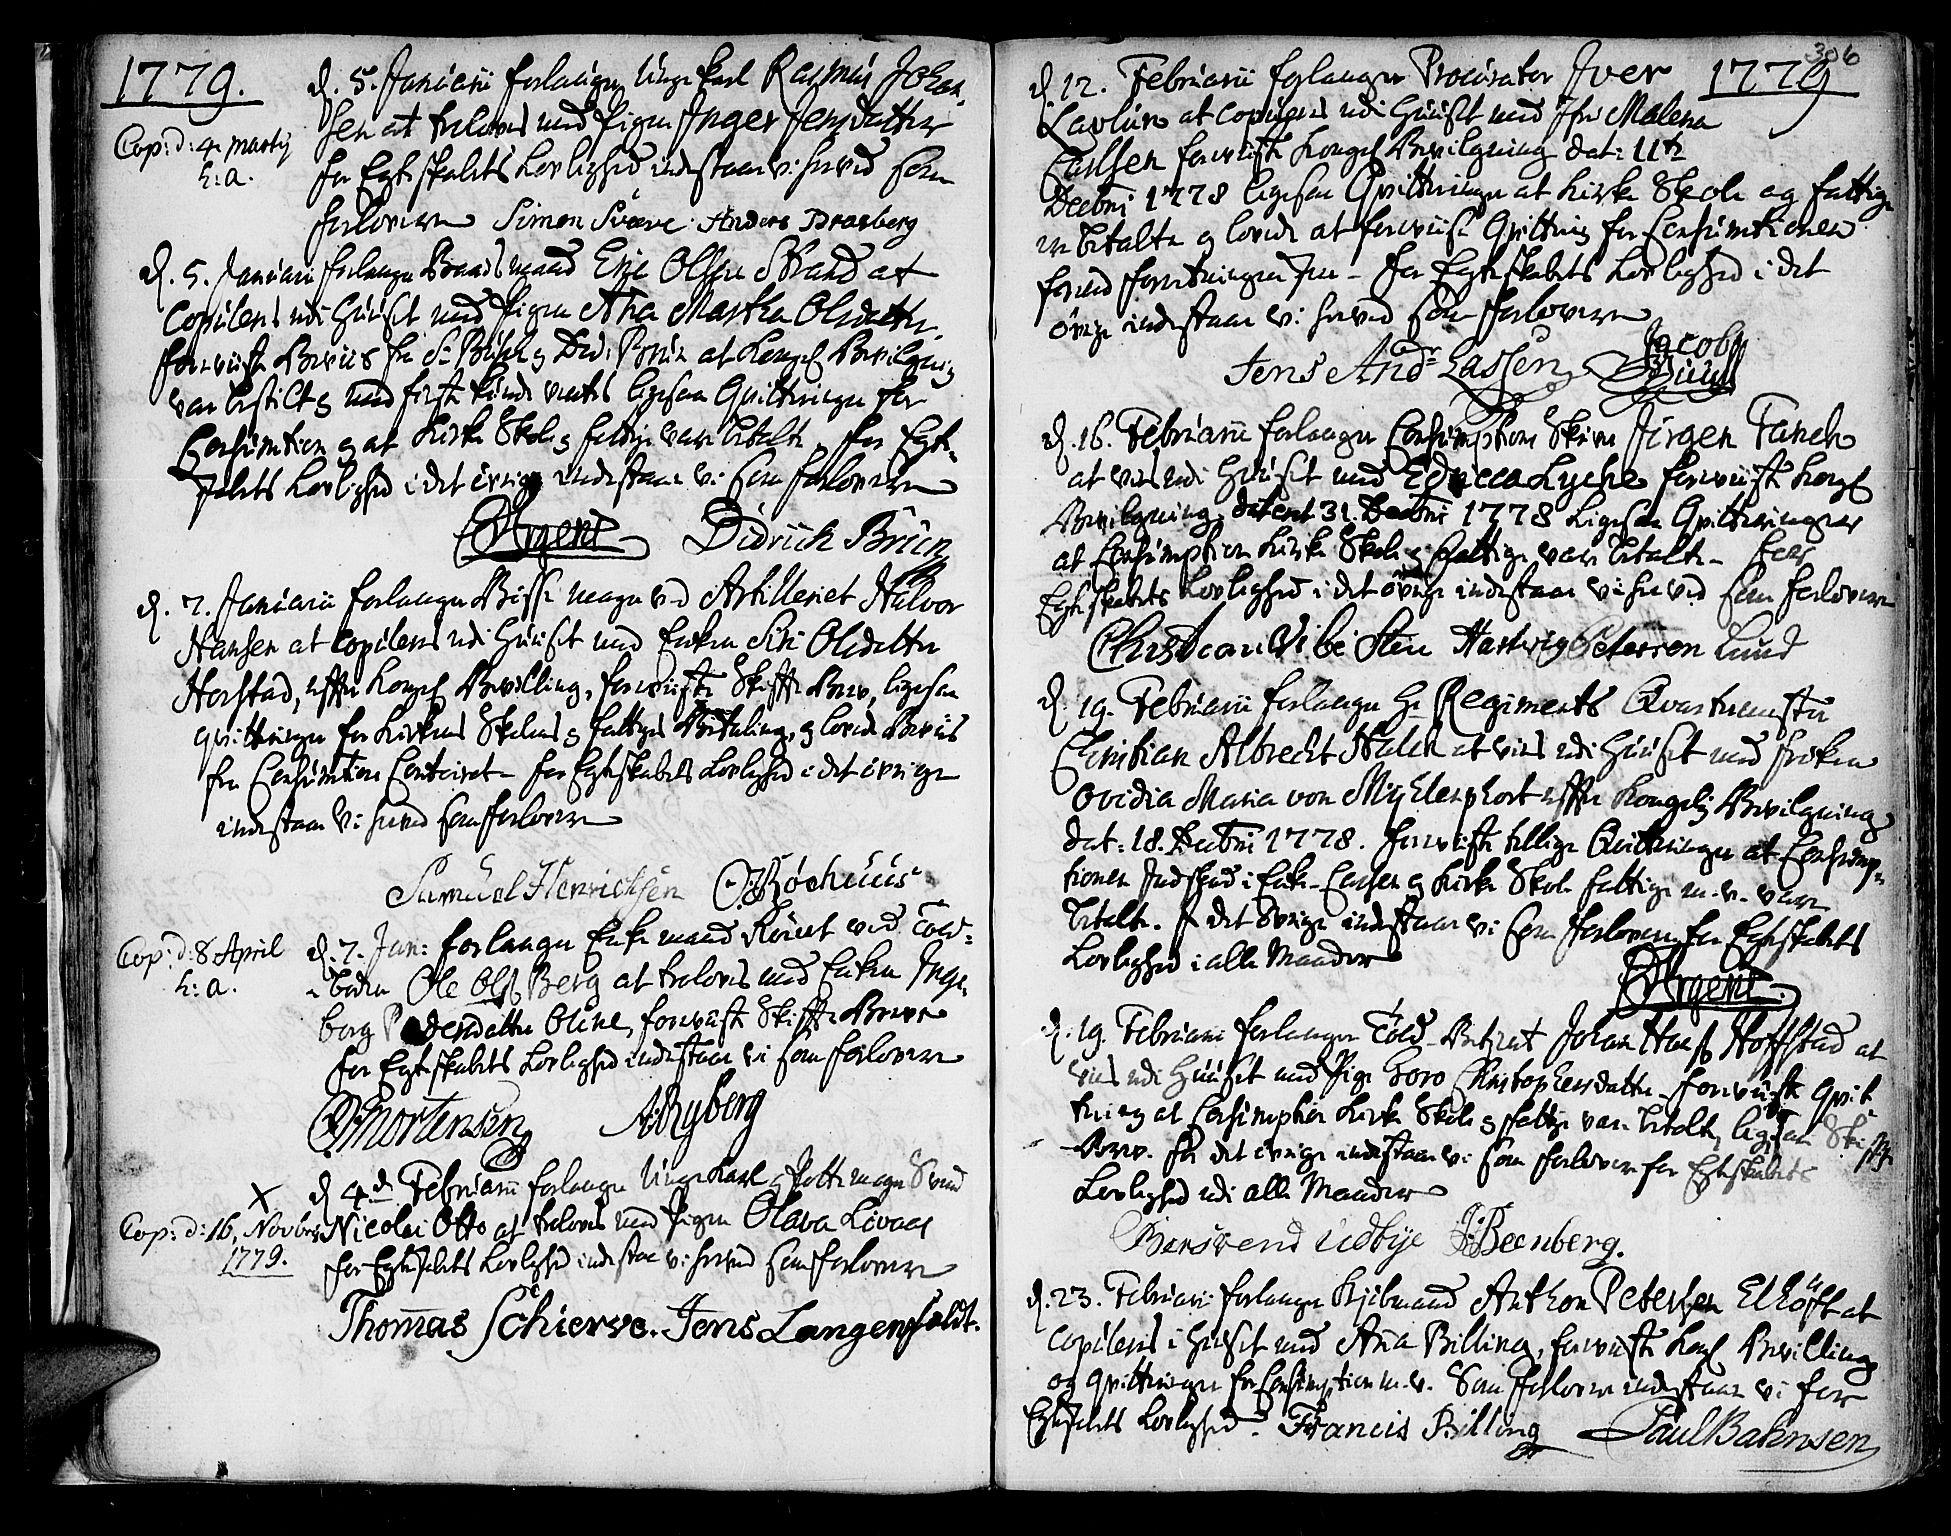 SAT, Ministerialprotokoller, klokkerbøker og fødselsregistre - Sør-Trøndelag, 601/L0038: Ministerialbok nr. 601A06, 1766-1877, s. 306